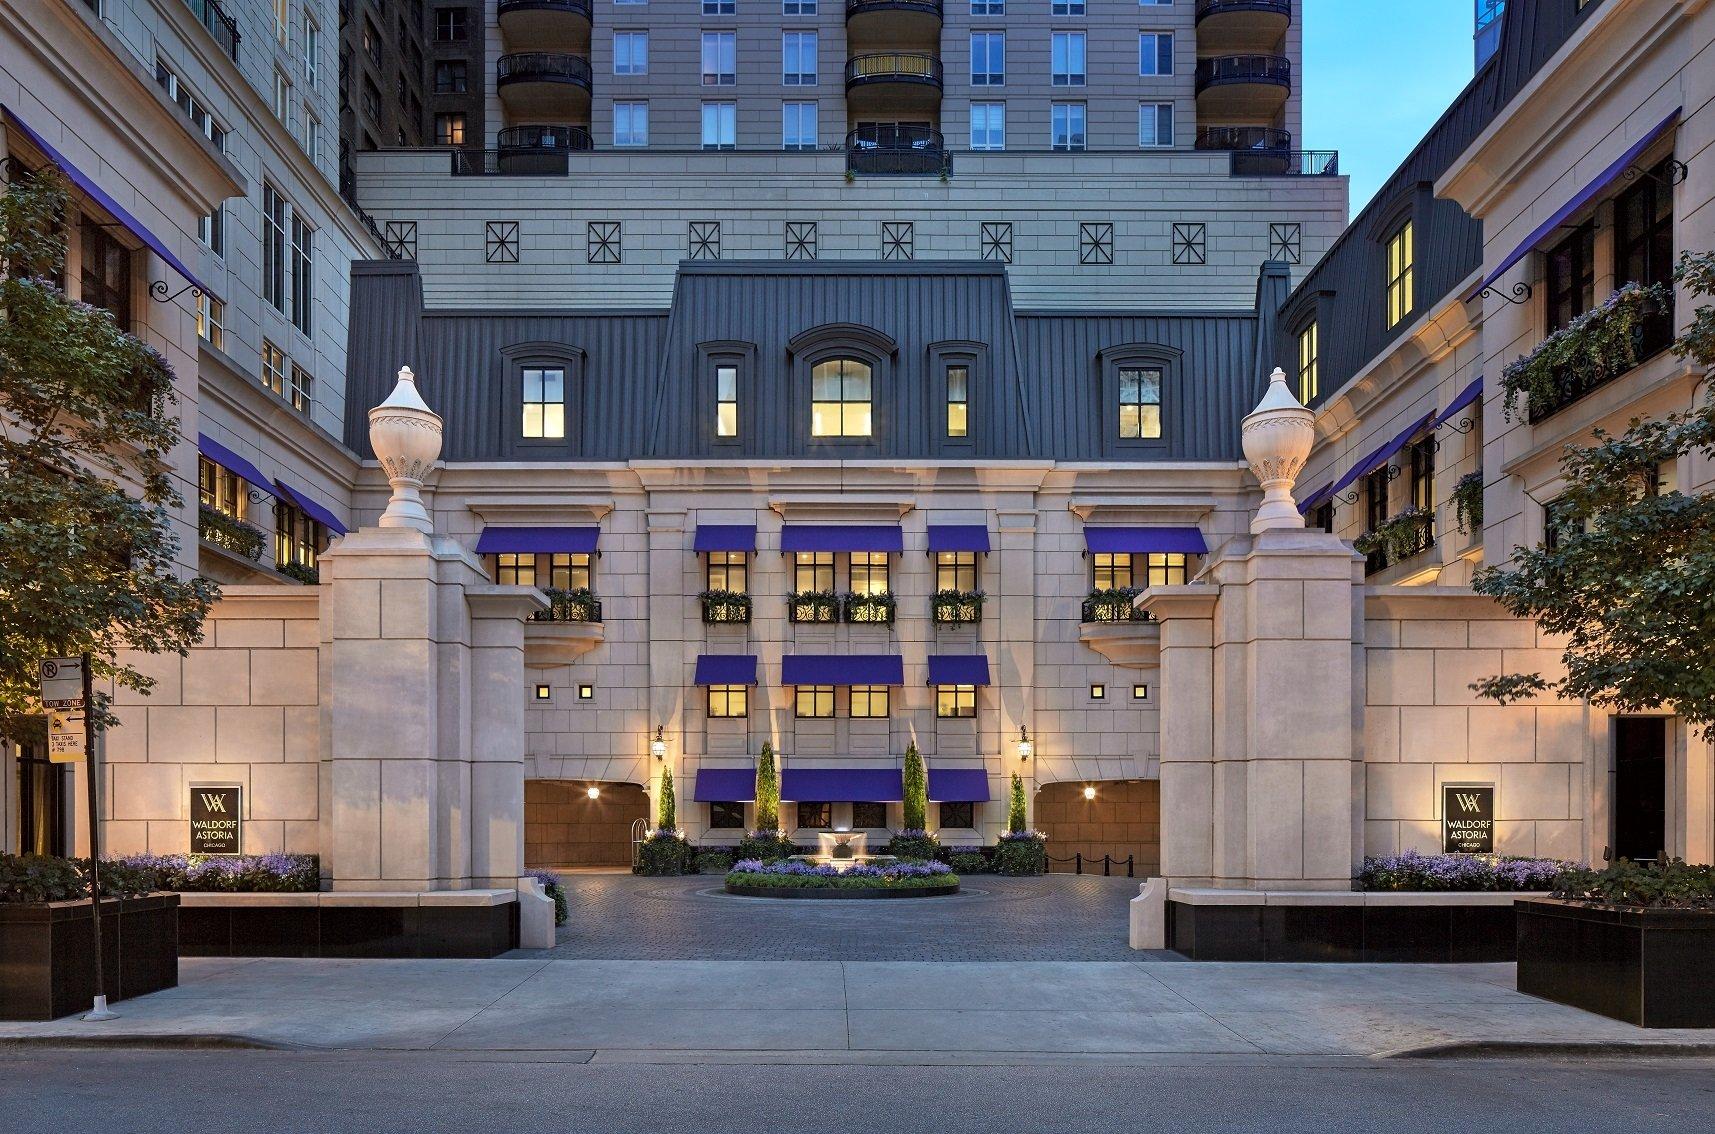 エリシアン ホテル シカゴ